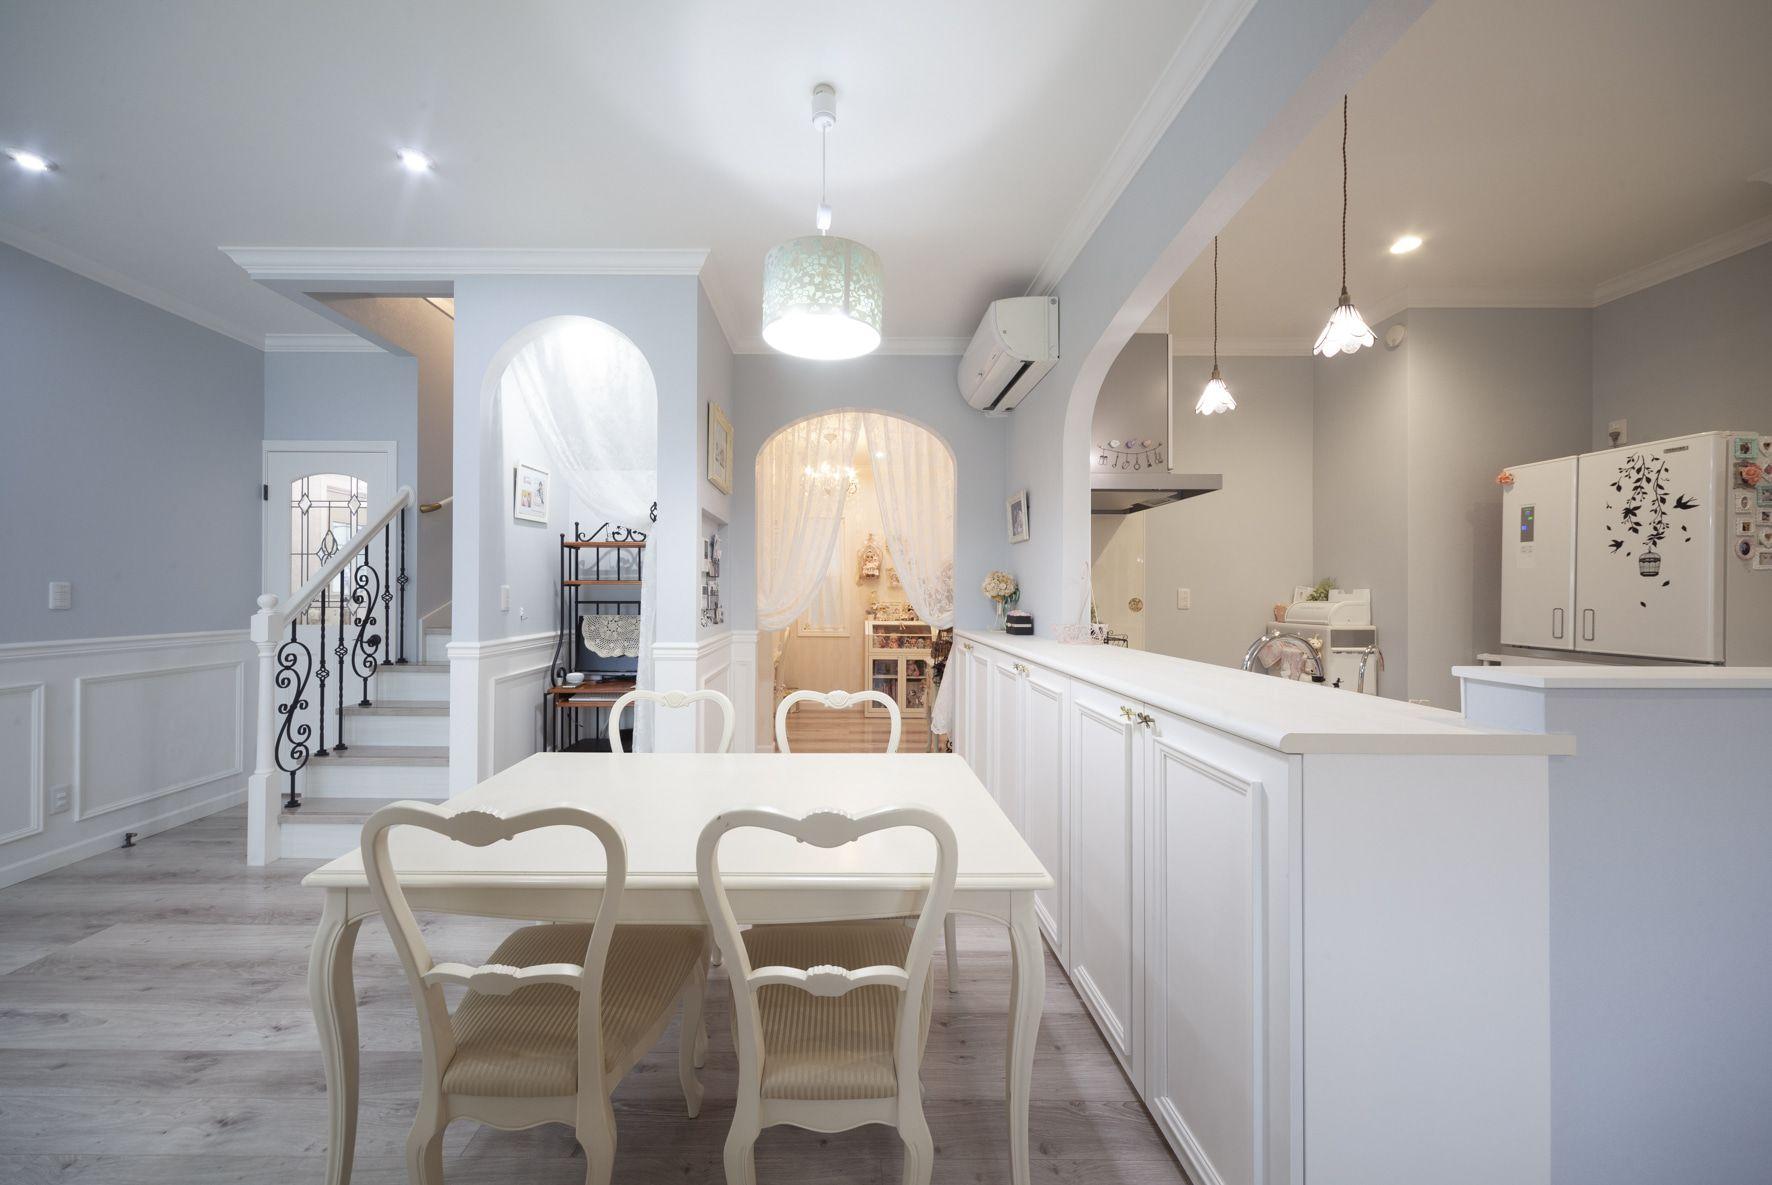 『水色と白のやさしい色調 フレンチテイストの輸入住宅  ロビンスジャパン』